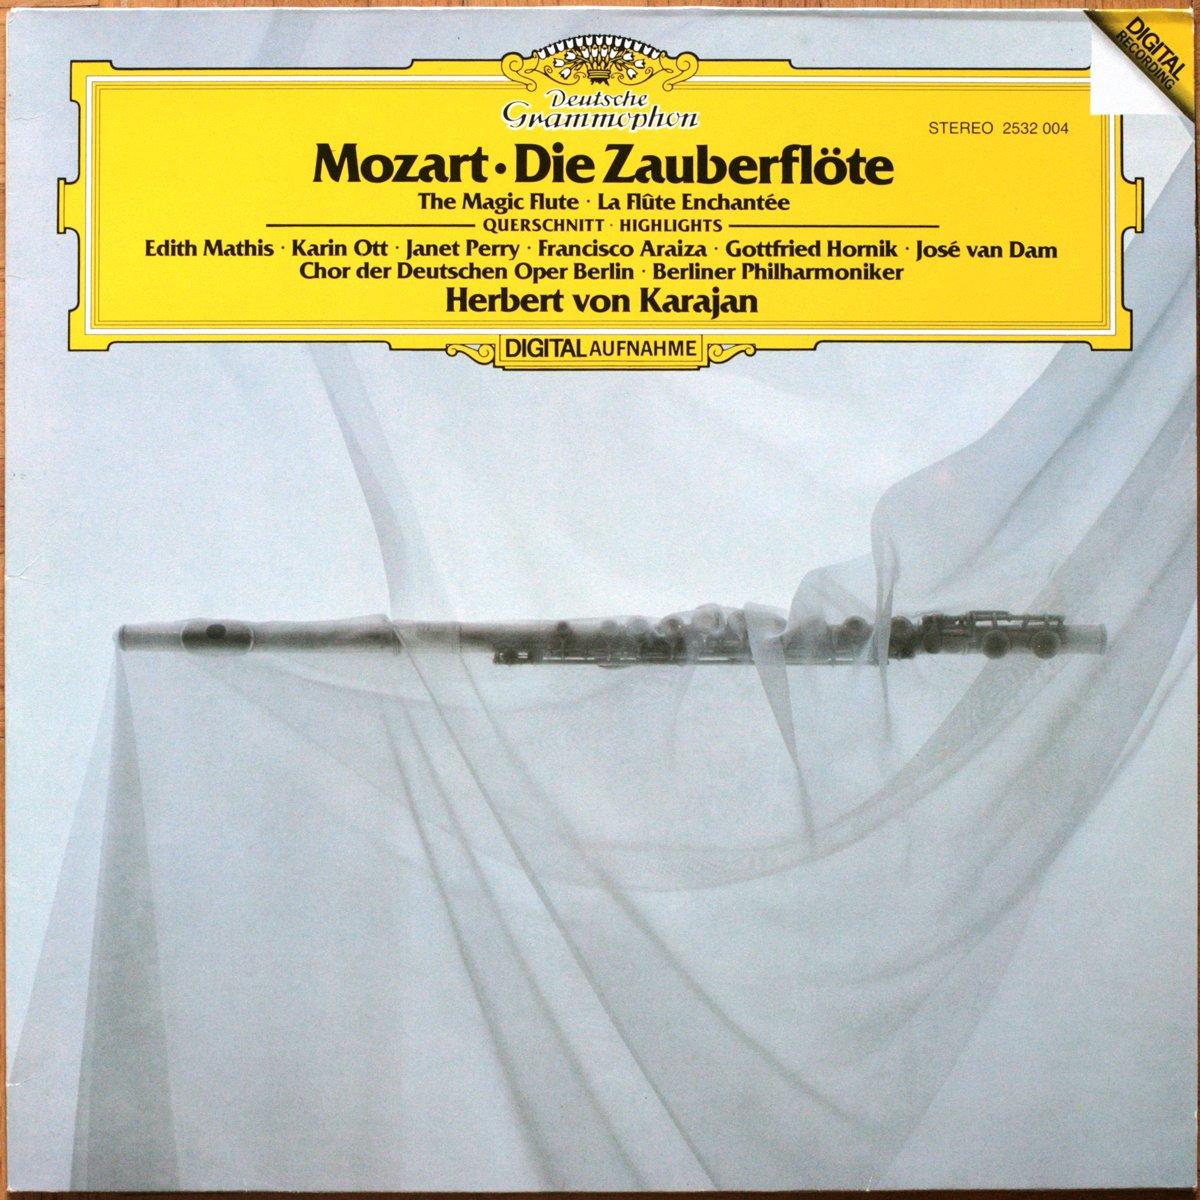 DGG 2532004 Mozart Zauberflote Karajan